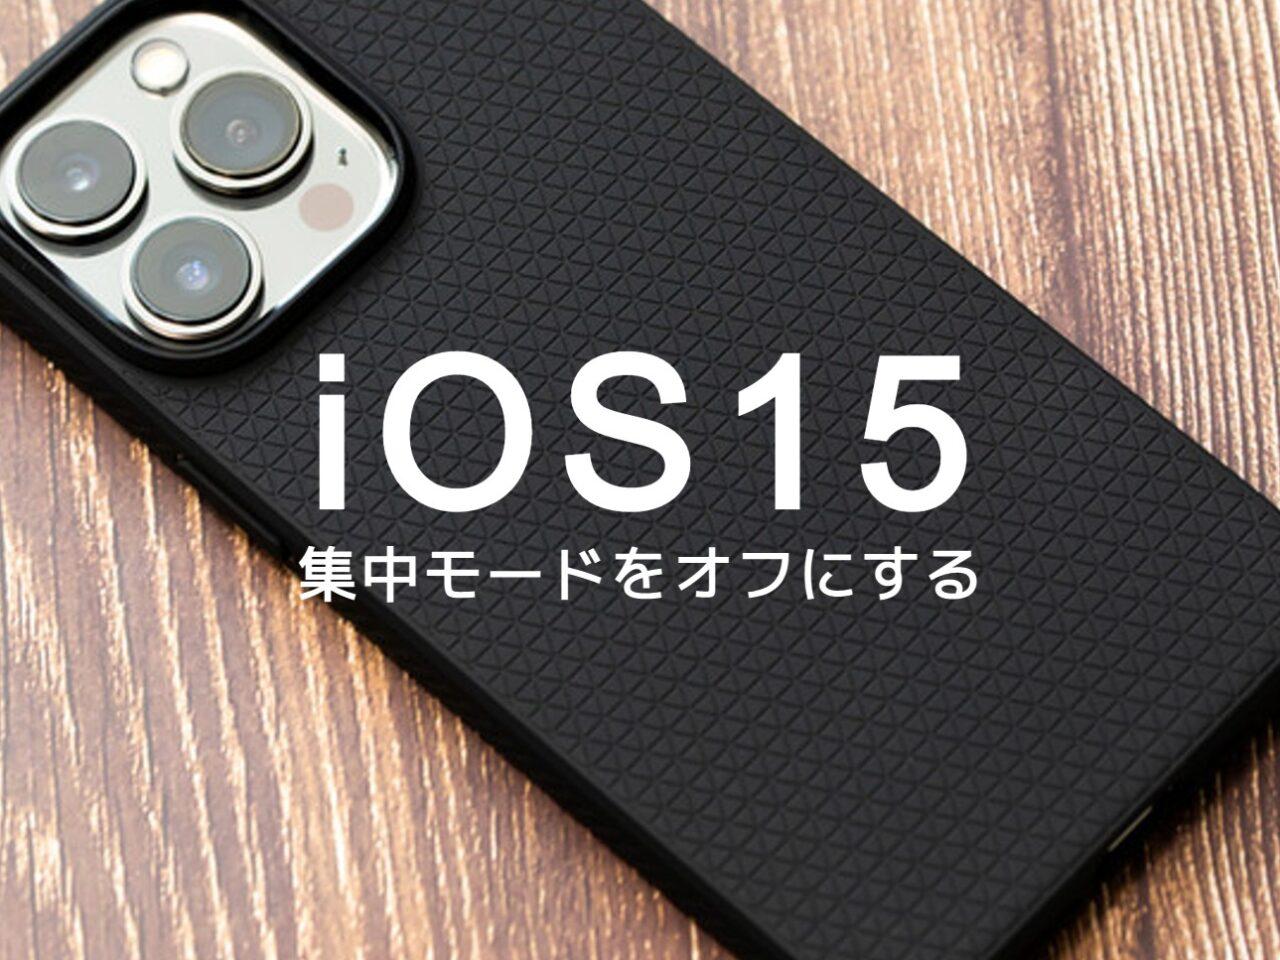 iOS15のiPhoneで集中モードを解除&オフにする仕方は?のサムネイル画像